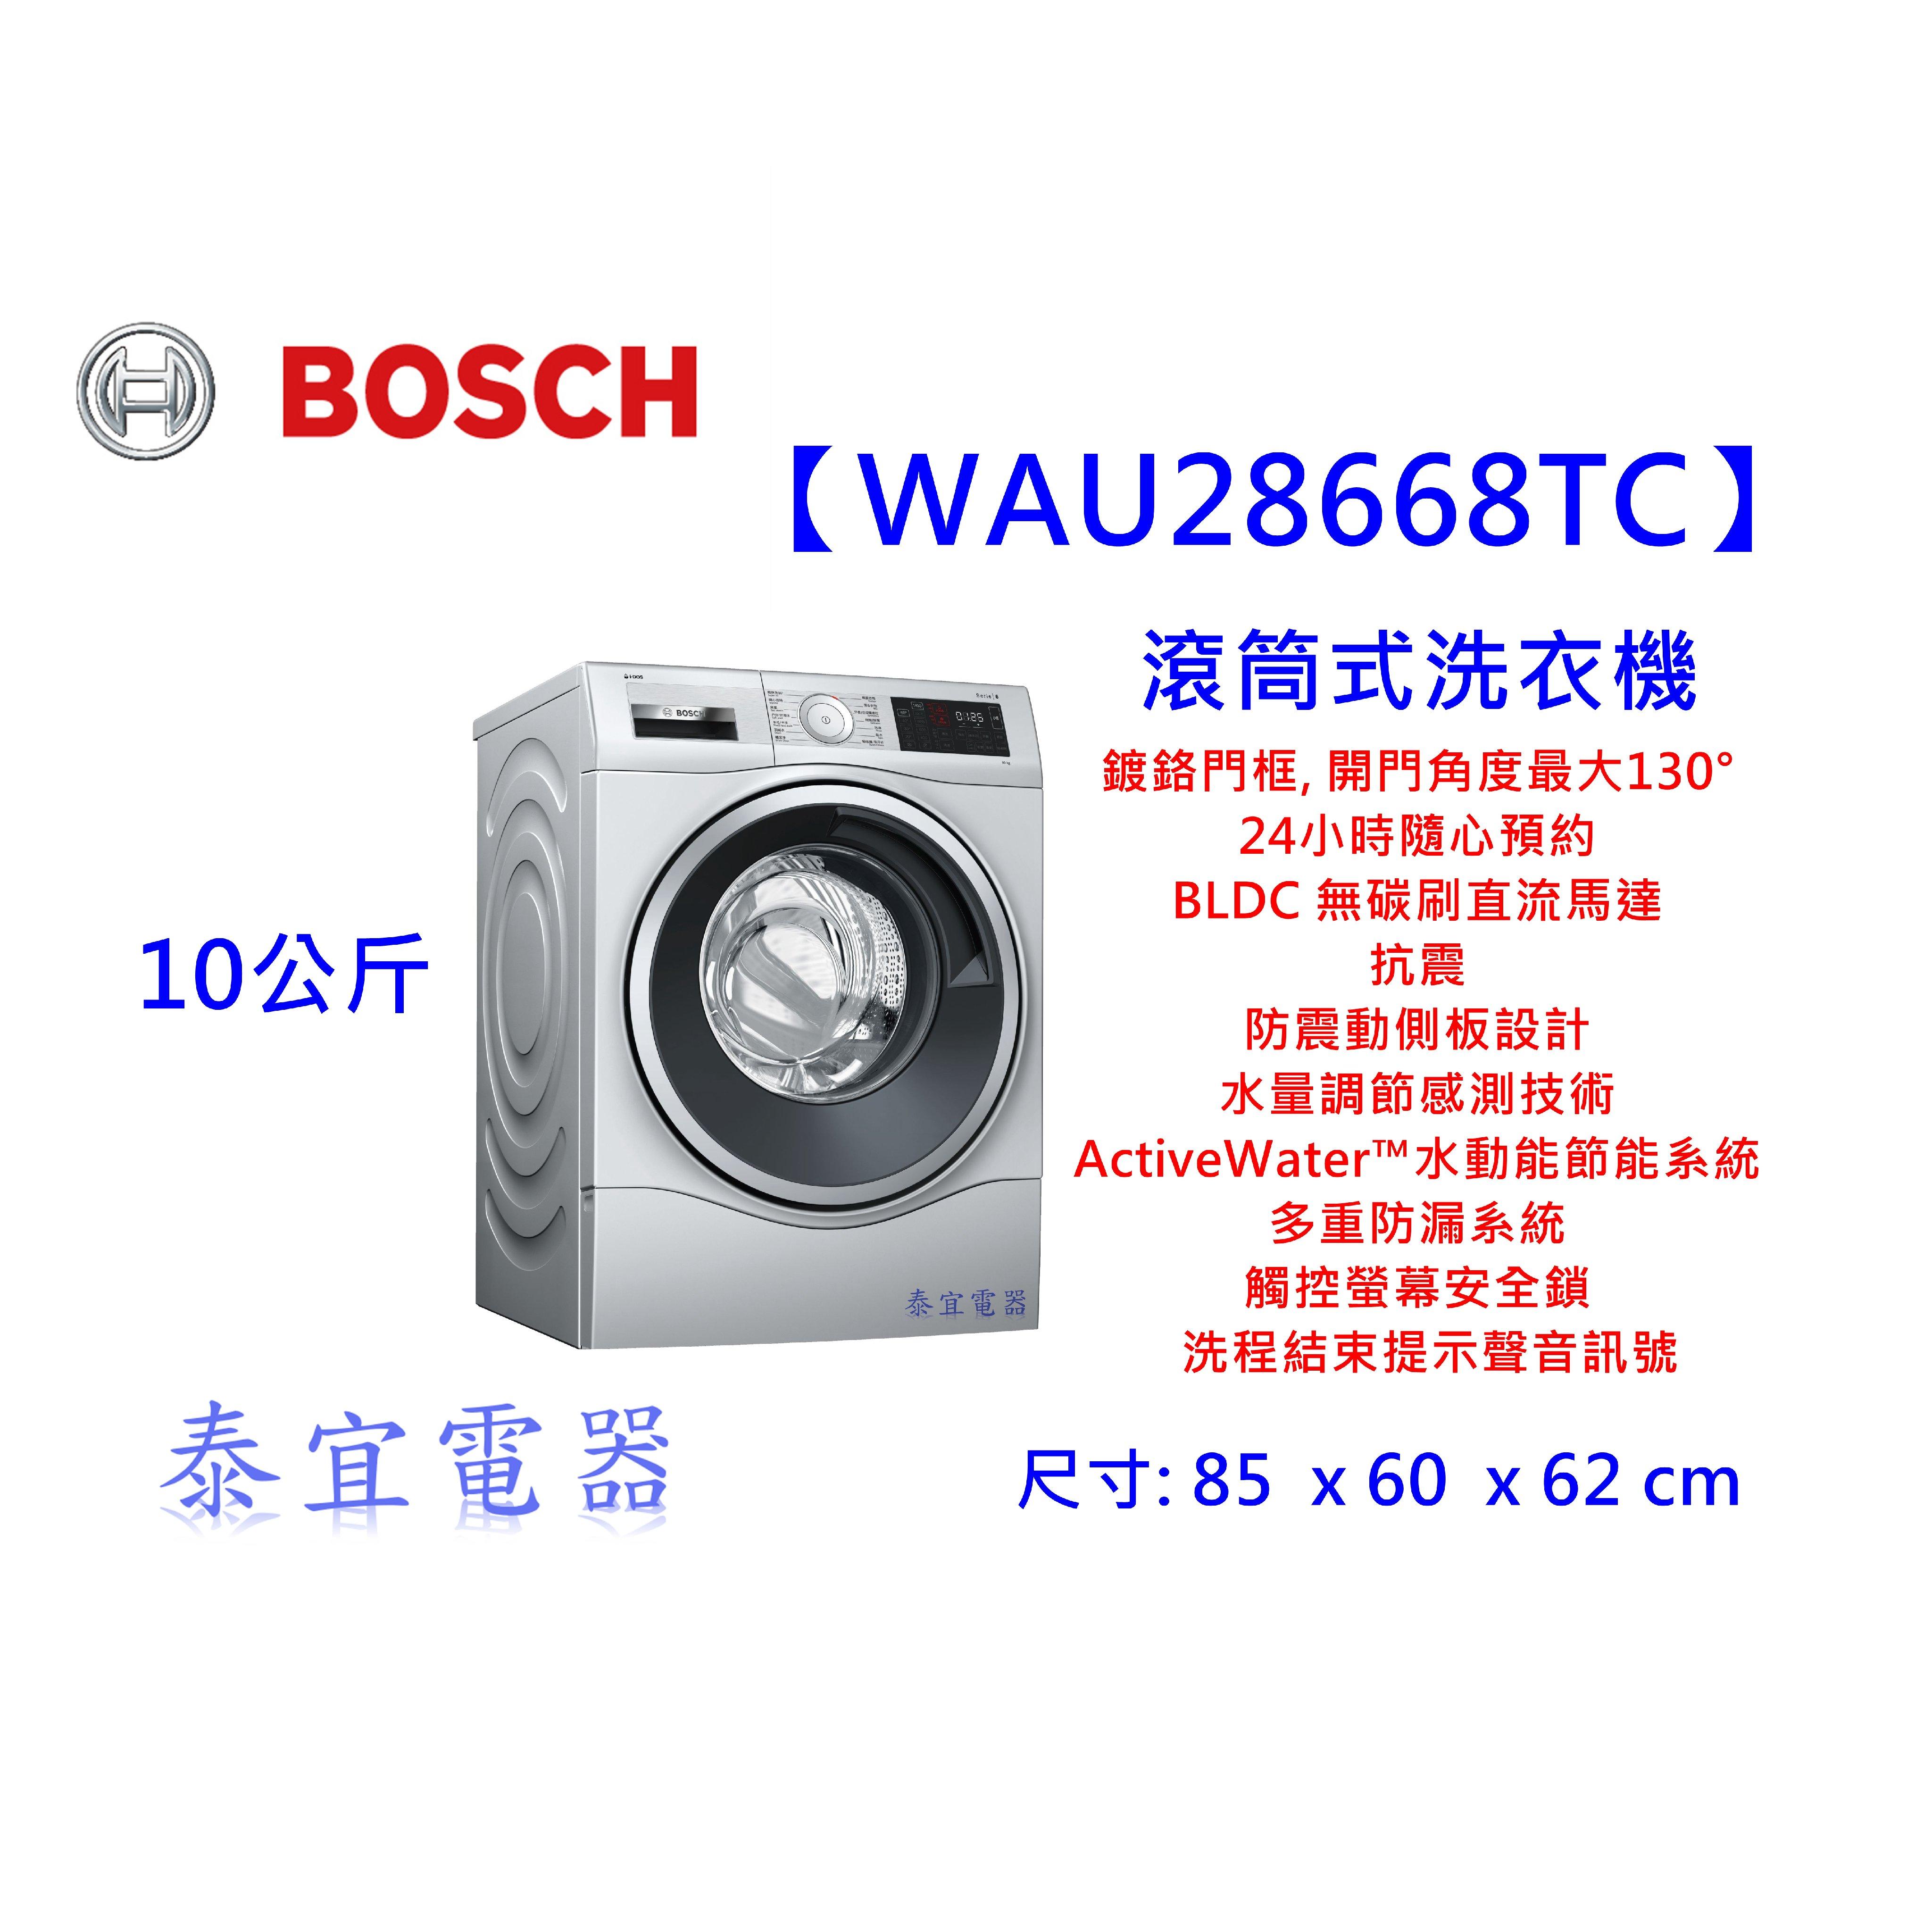 新年特價【泰宜】BOSCH 博世 WAU28668TC 滾筒式洗衣機【另有BDNX125BHJ】